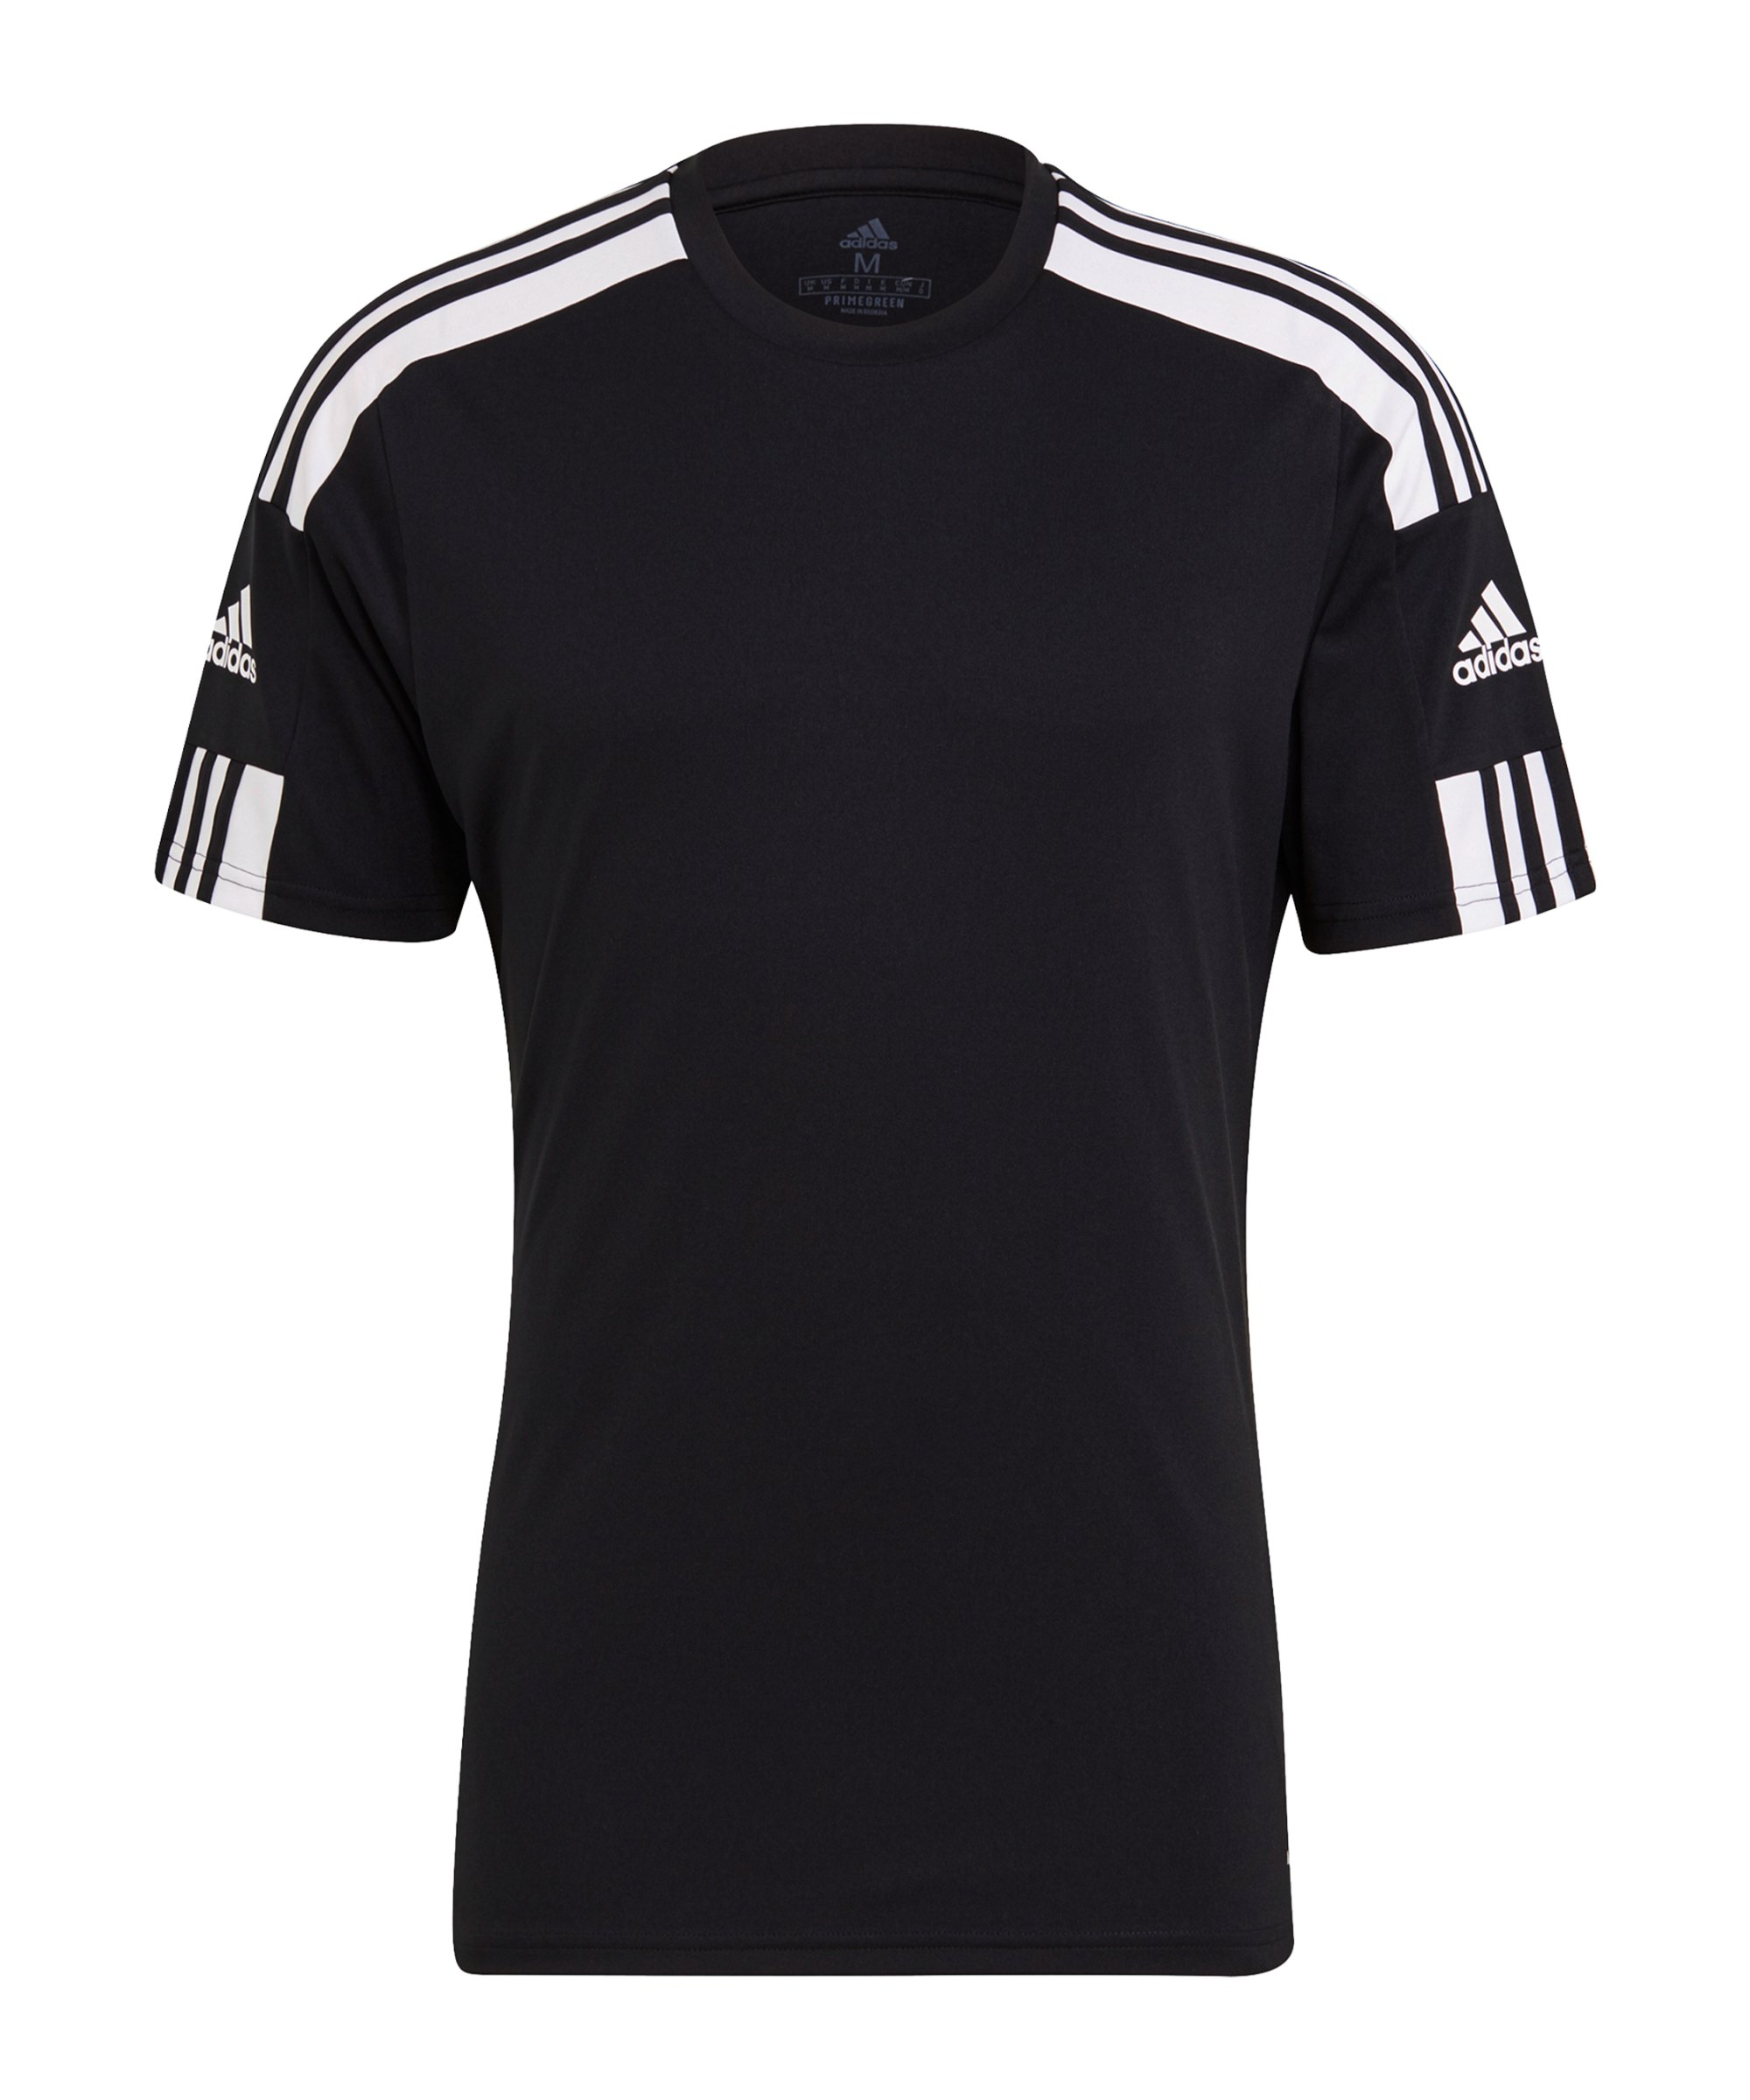 adidas Squadra 21 Trikot Schwarz Weiss - schwarz